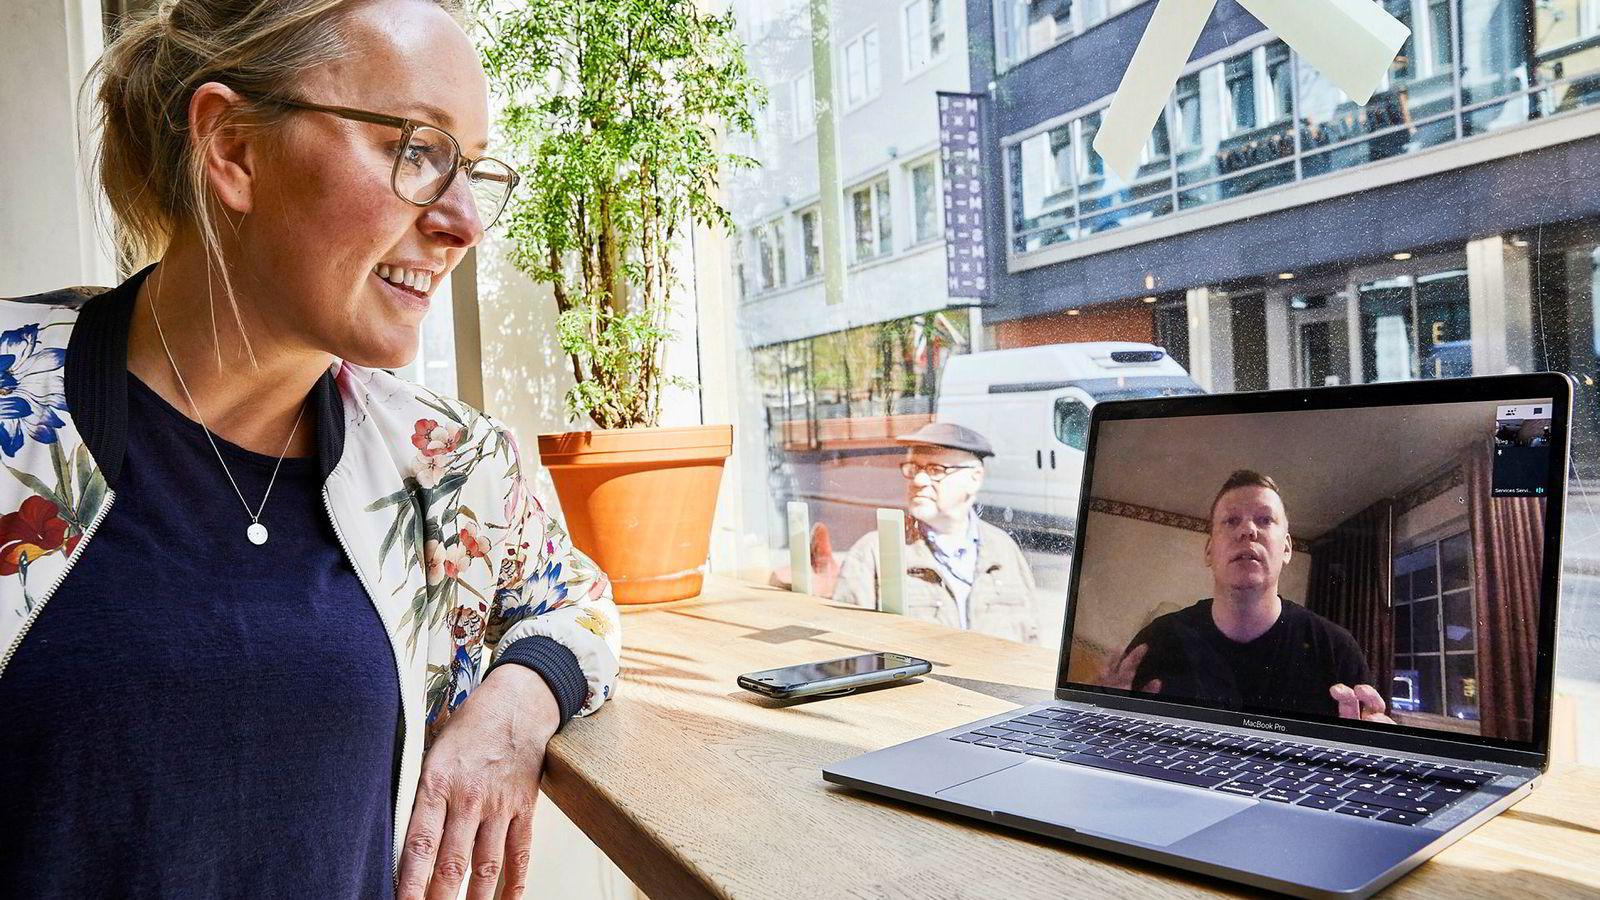 Offlinepal-gründer Roy André Tollefsen snakker med daglig leder Marie Sanne Hval via Skype. De vil hjelpe folk vekk fra mobilen med en ny app.